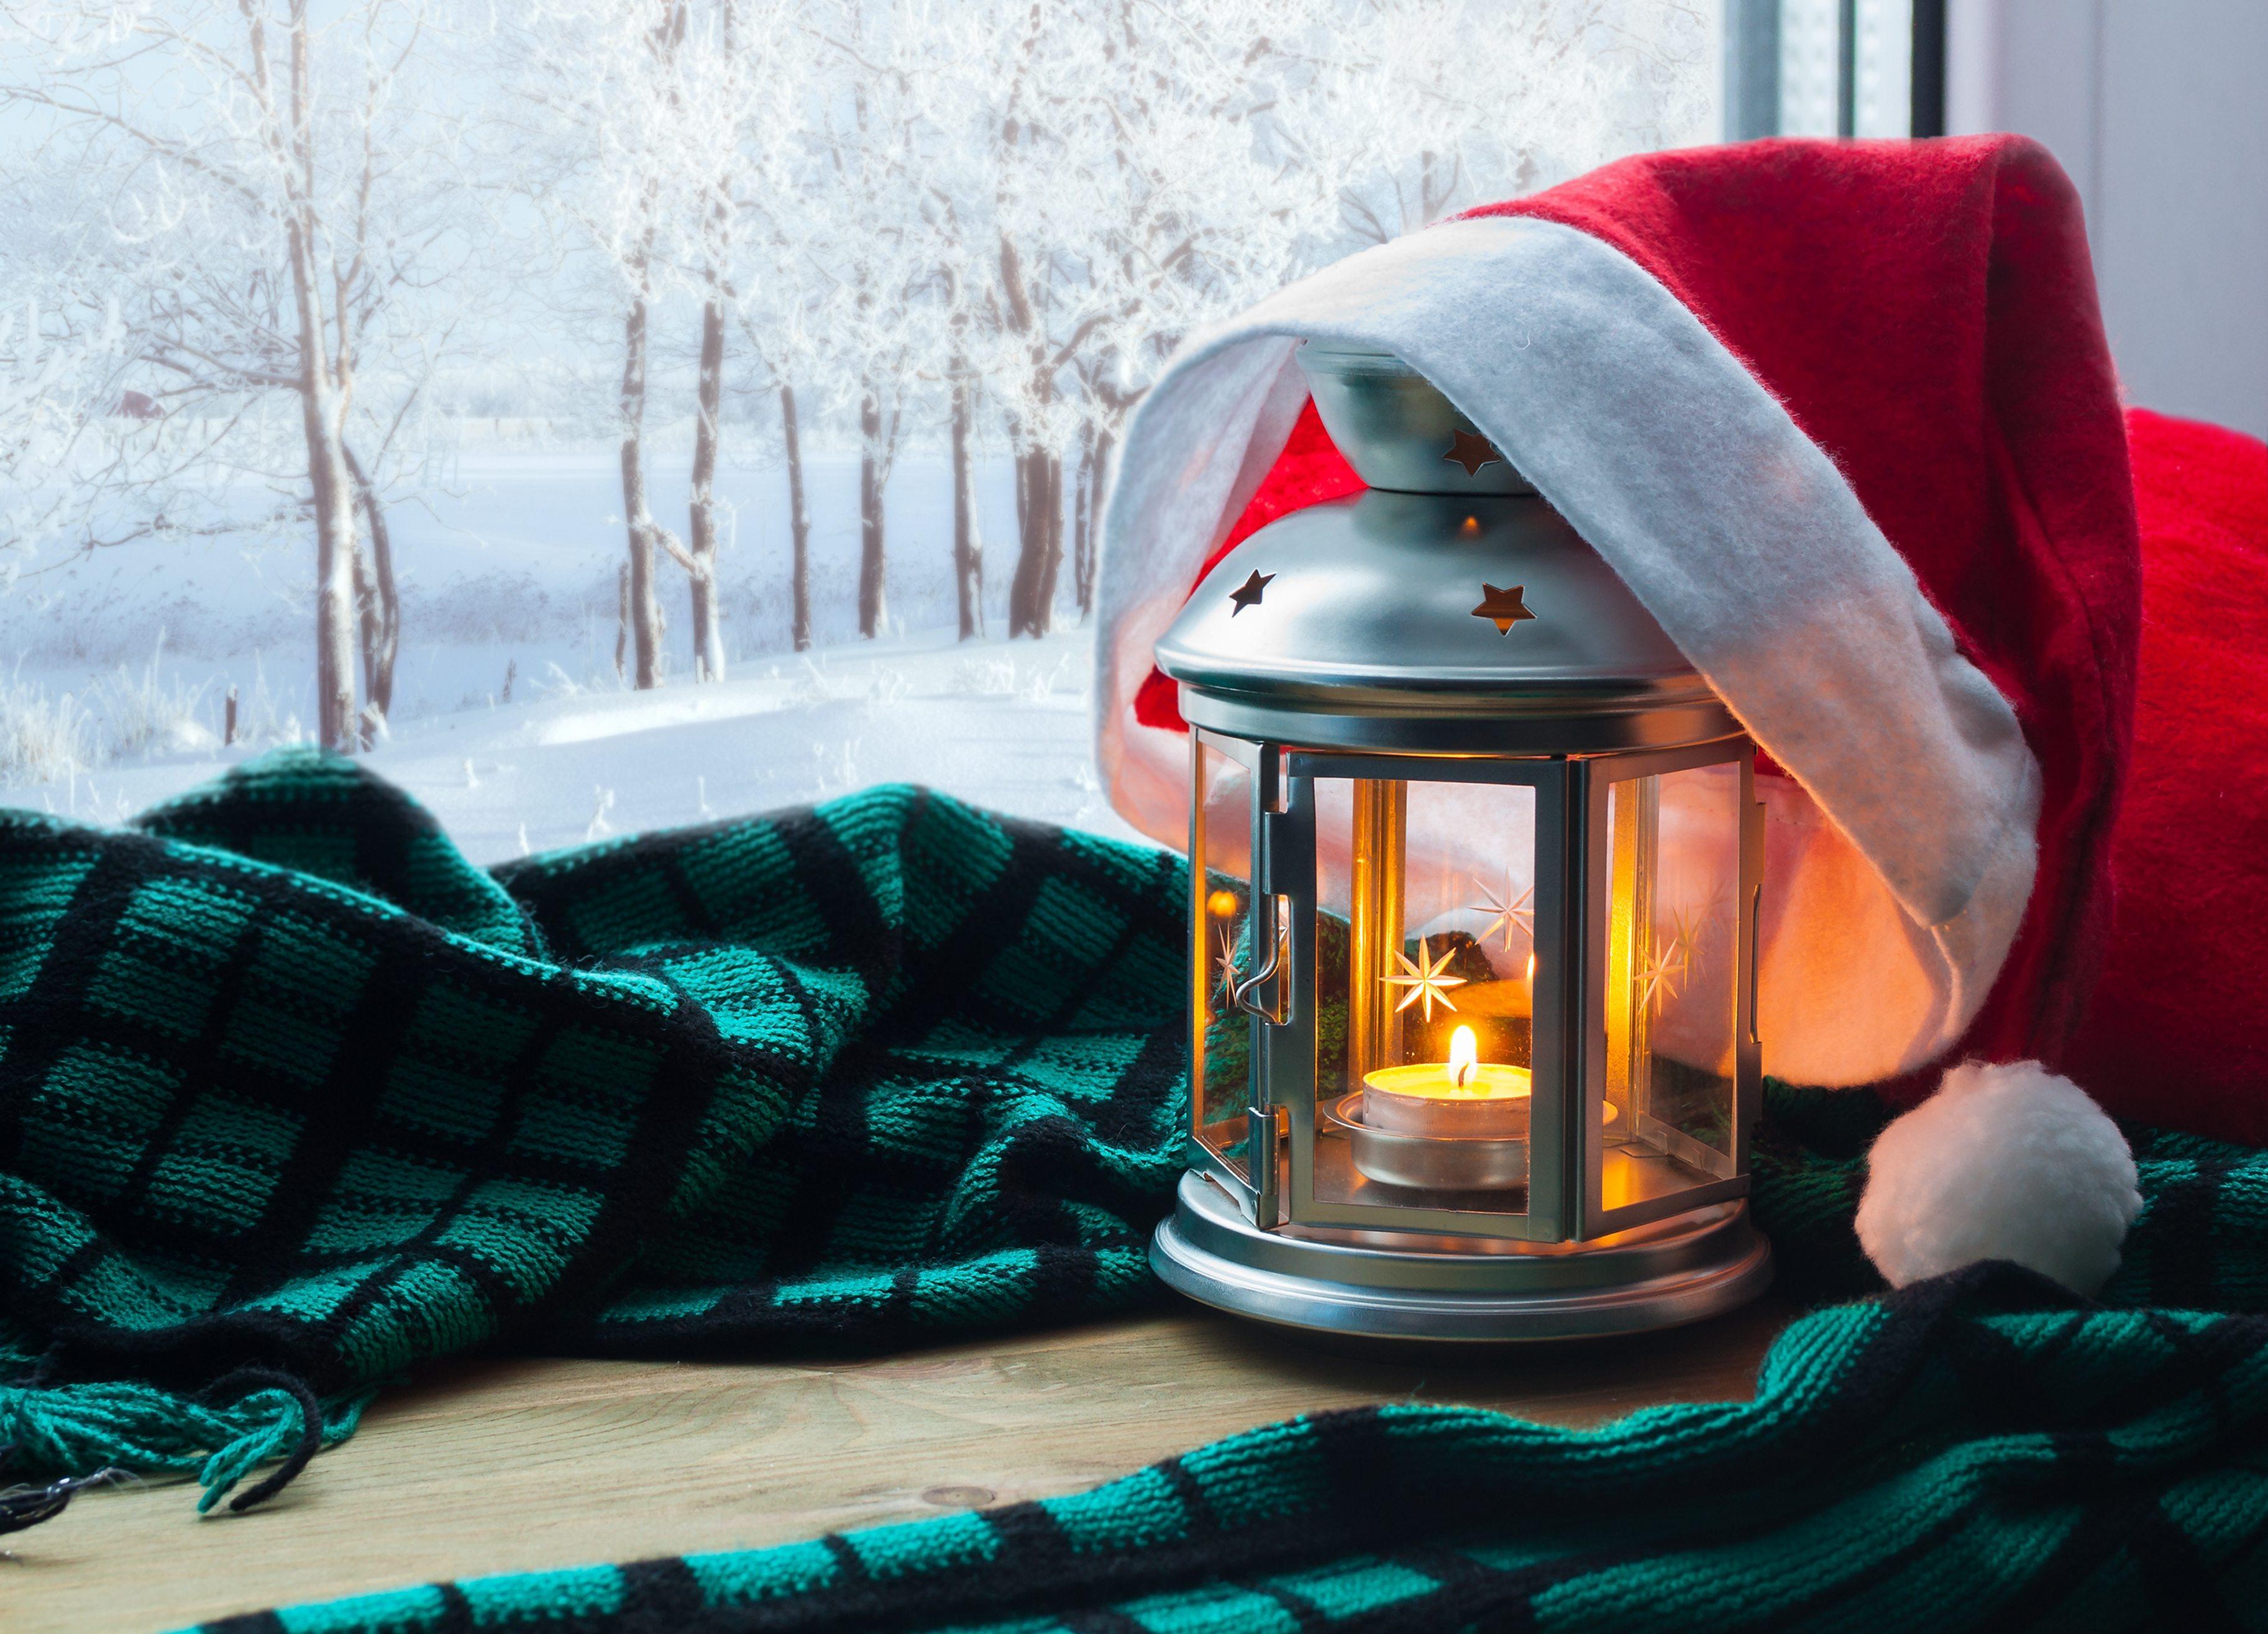 holiday decor workshop - charlotte homes for sale